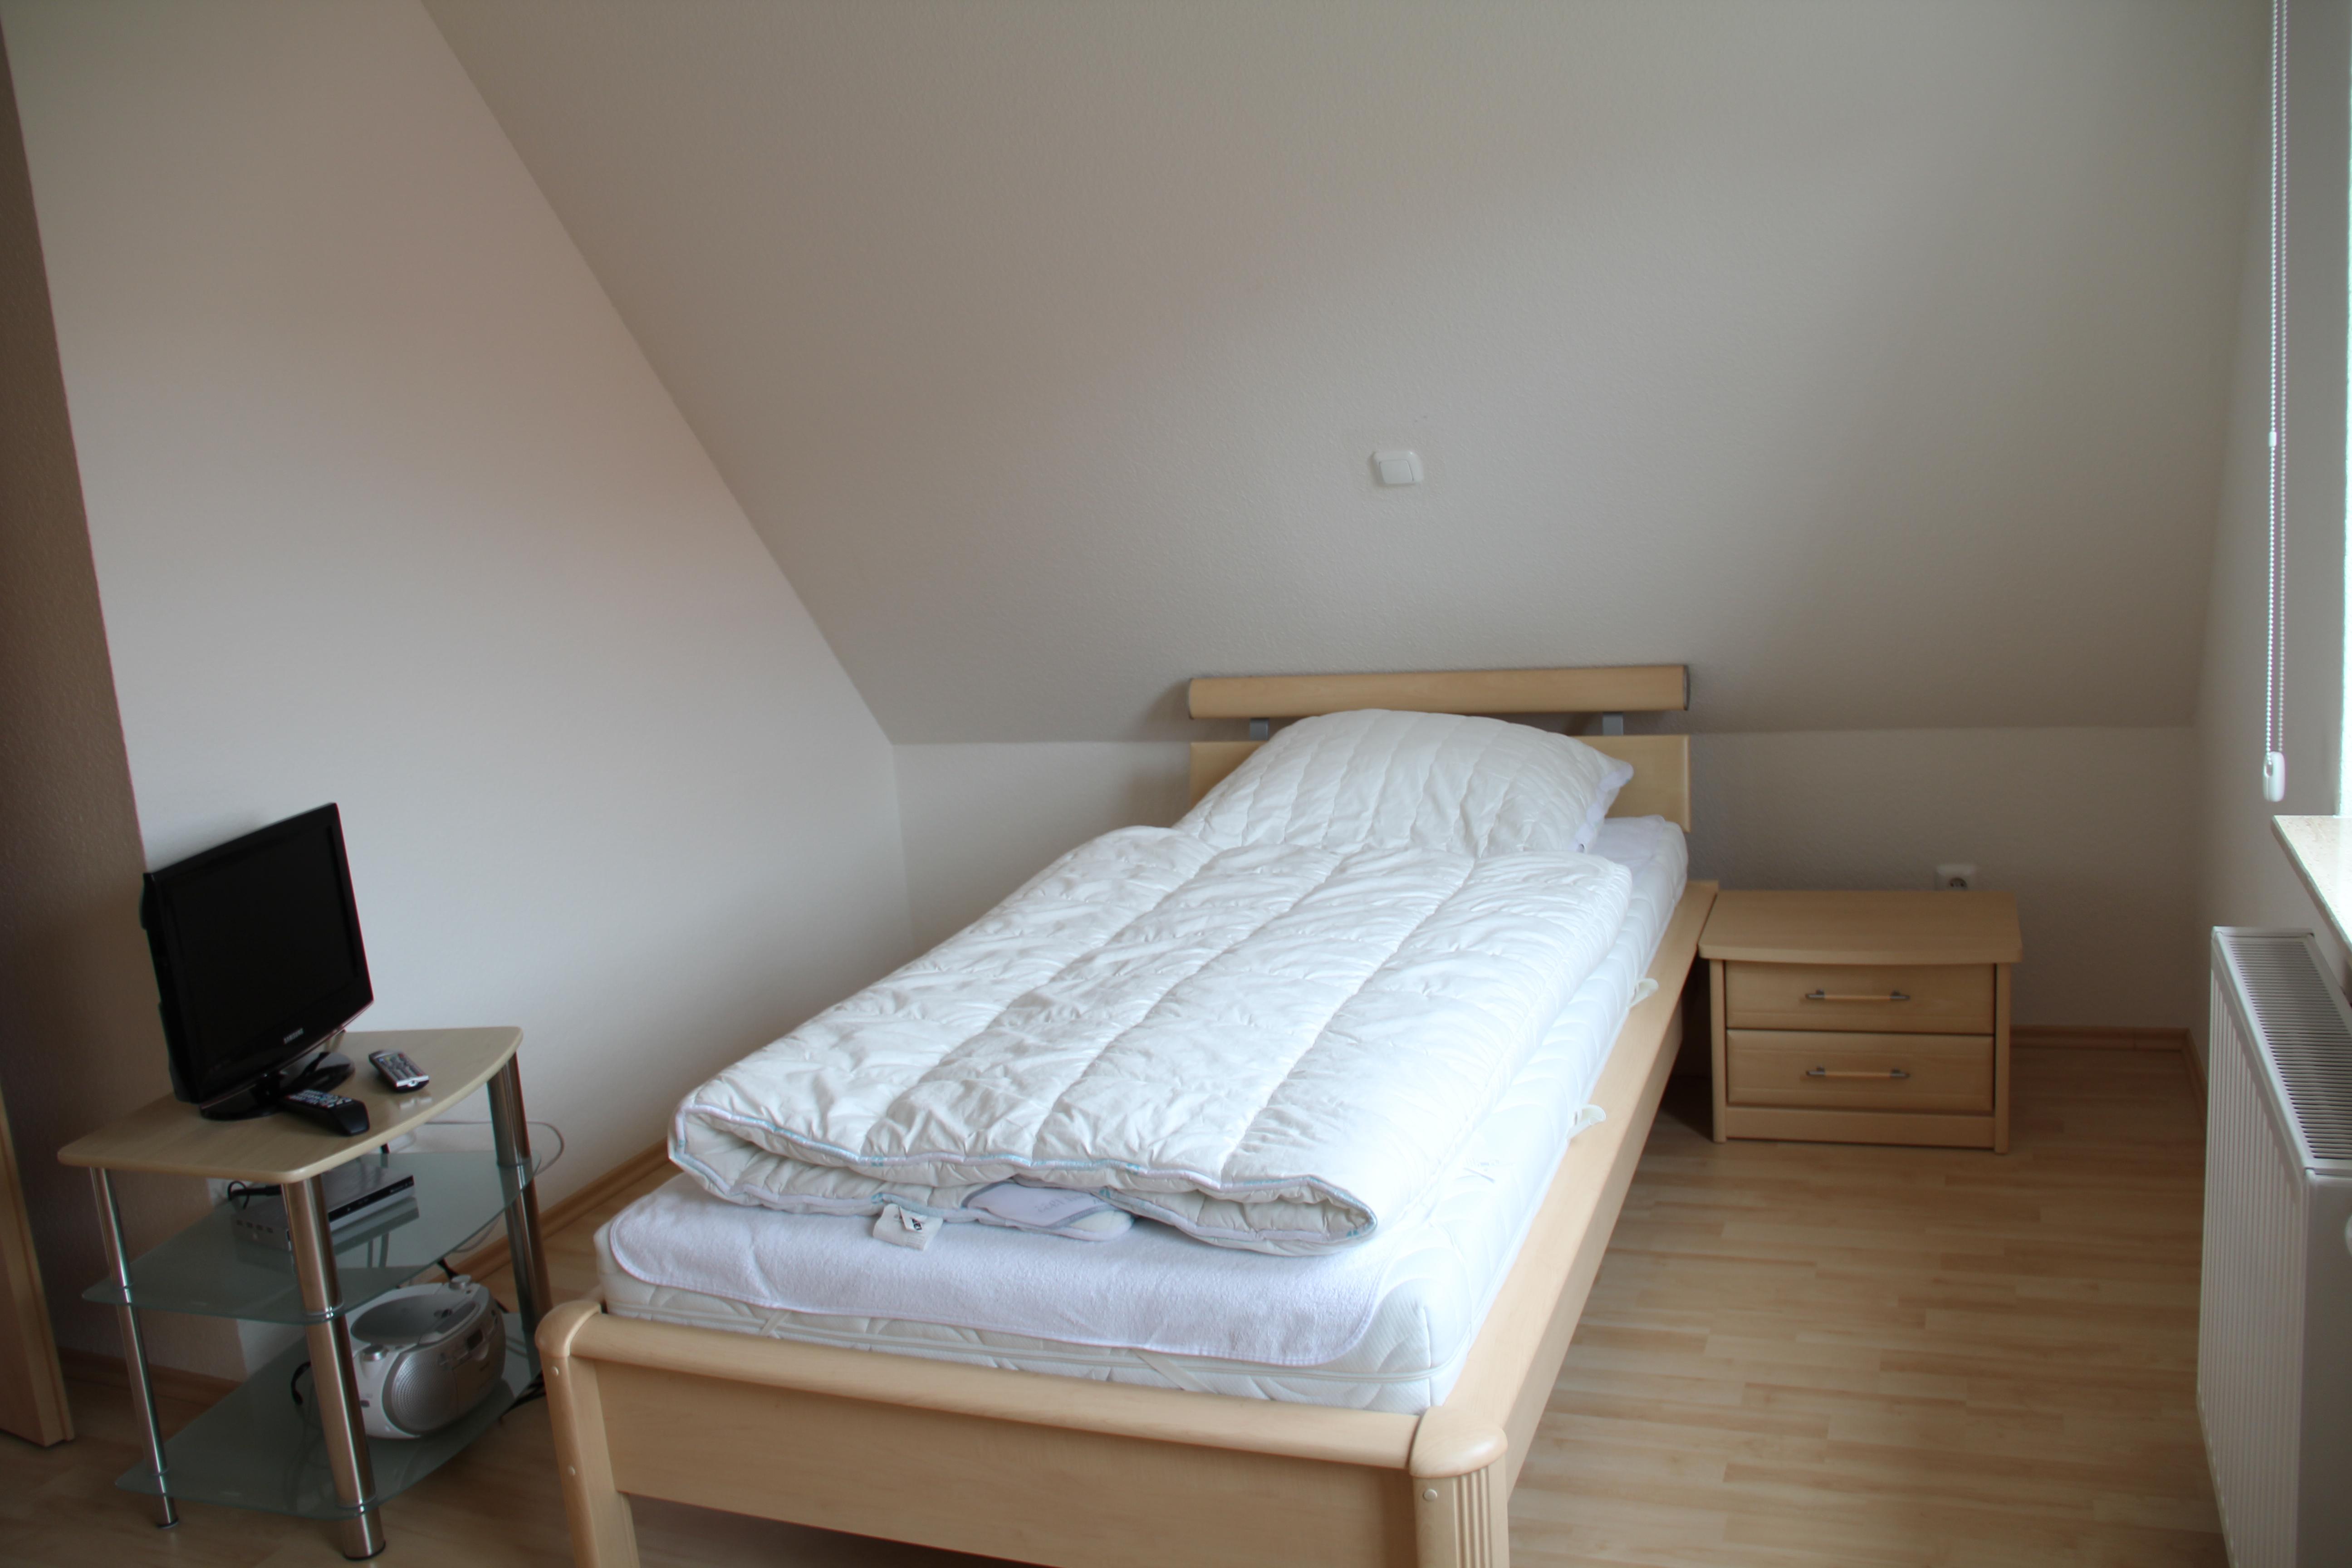 Ferienhaus Janne Ab 651 00 Woche Vermietung Am Hafen